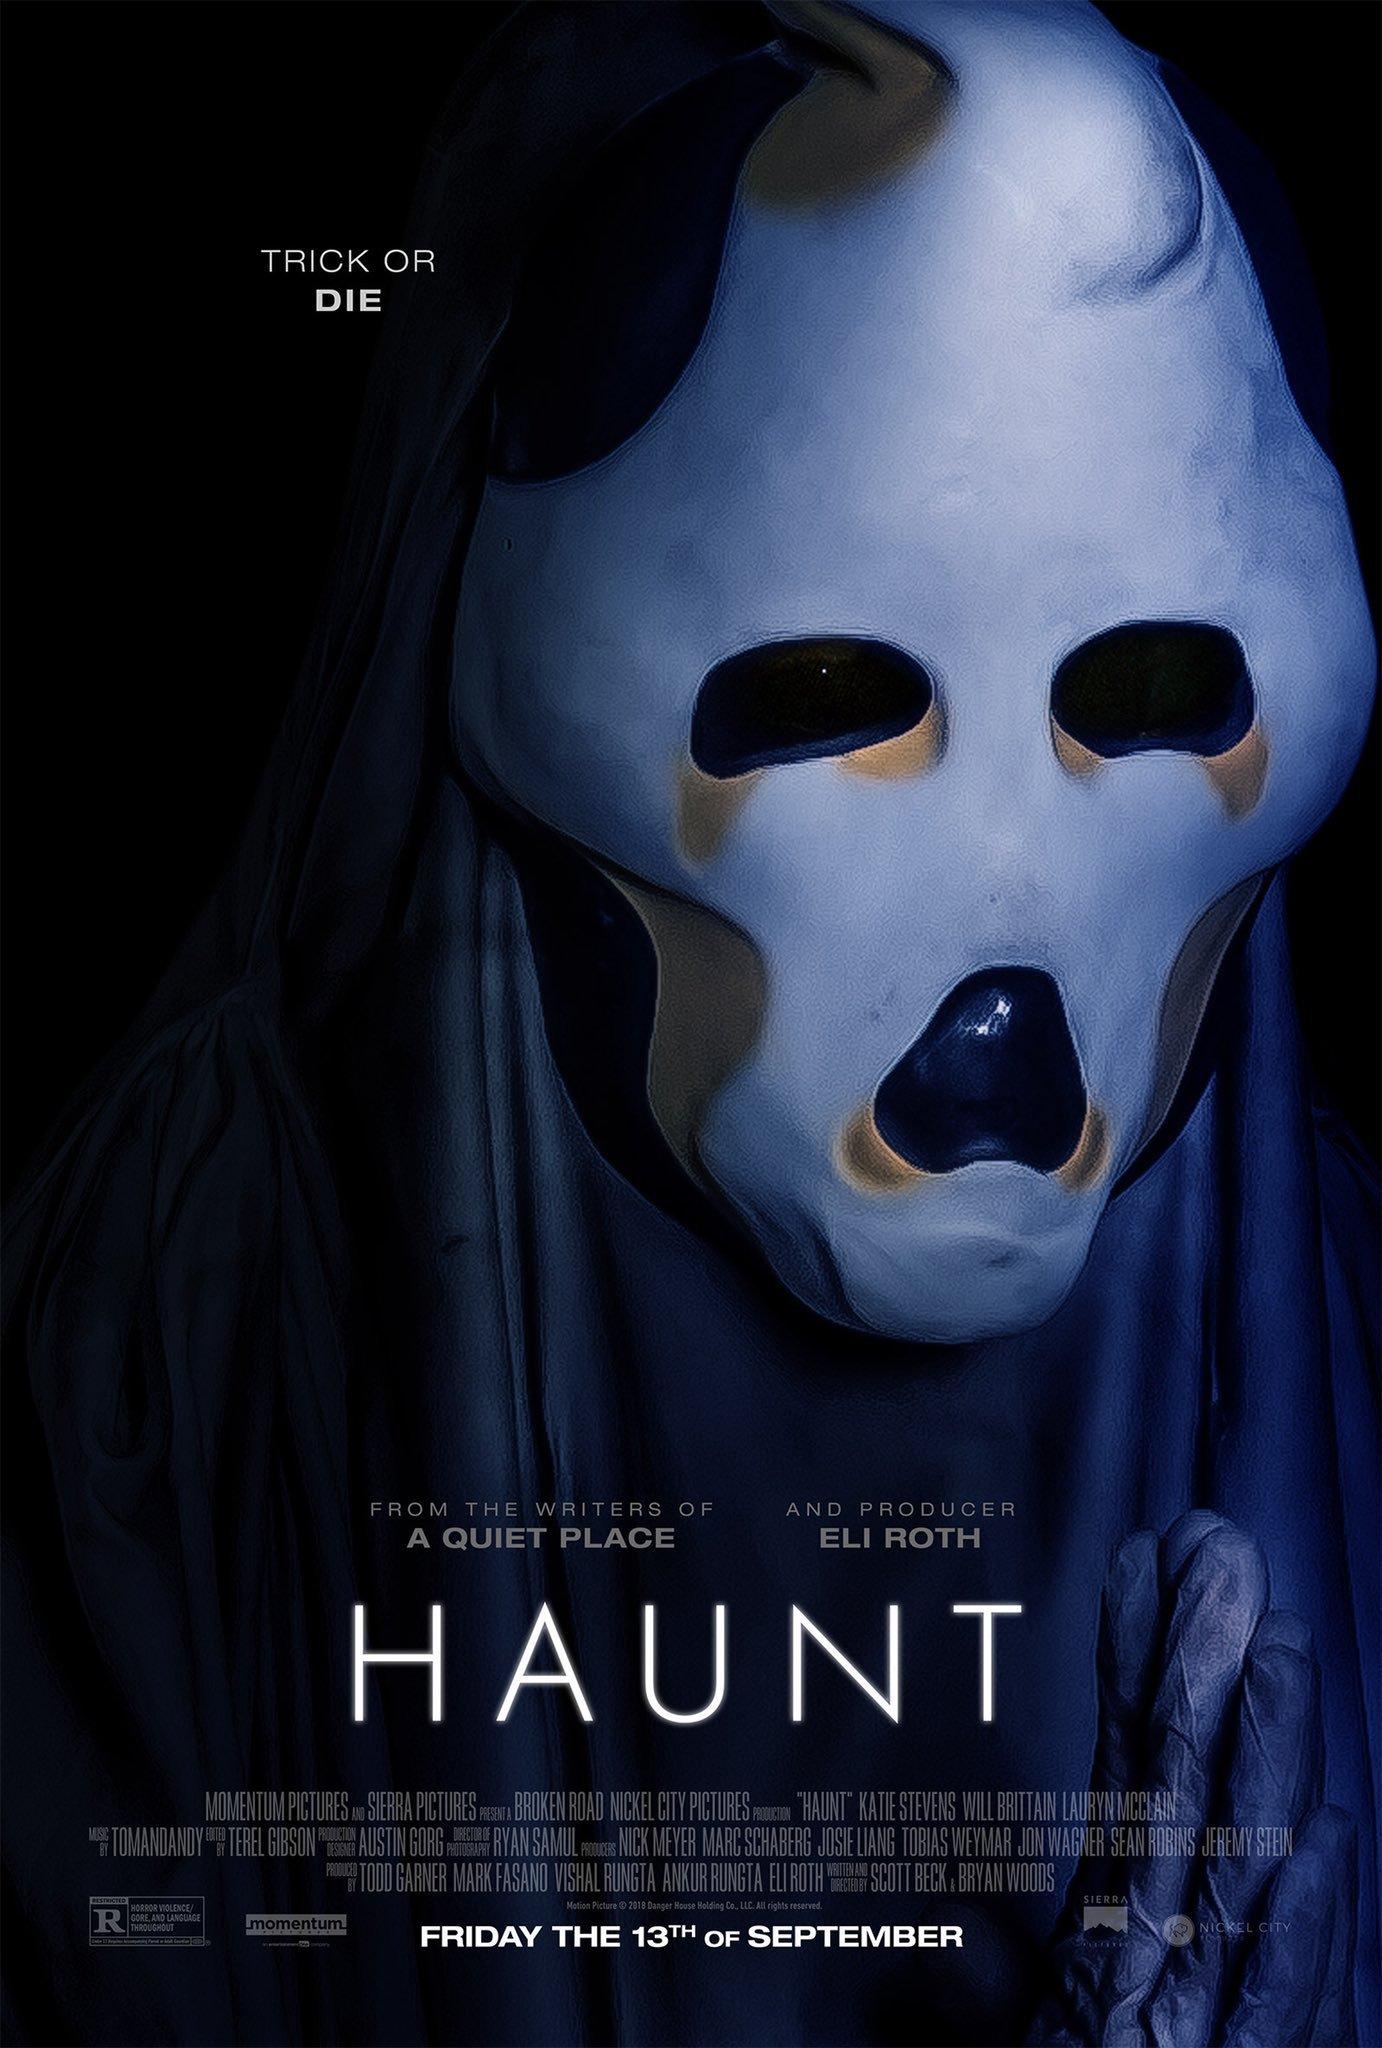 ดูหนัง Haunt (2019) บ้านผีสิงอำมหิต ดูหนังออนไลน์ฟรี ดูหนังฟรี HD ชัด ดูหนังใหม่ชนโรง หนังใหม่ล่าสุด เต็มเรื่อง มาสเตอร์ พากย์ไทย ซาวด์แทร็ก ซับไทย หนังซูม หนังแอคชั่น หนังผจญภัย หนังแอนนิเมชั่น หนัง HD ได้ที่ movie24x.com